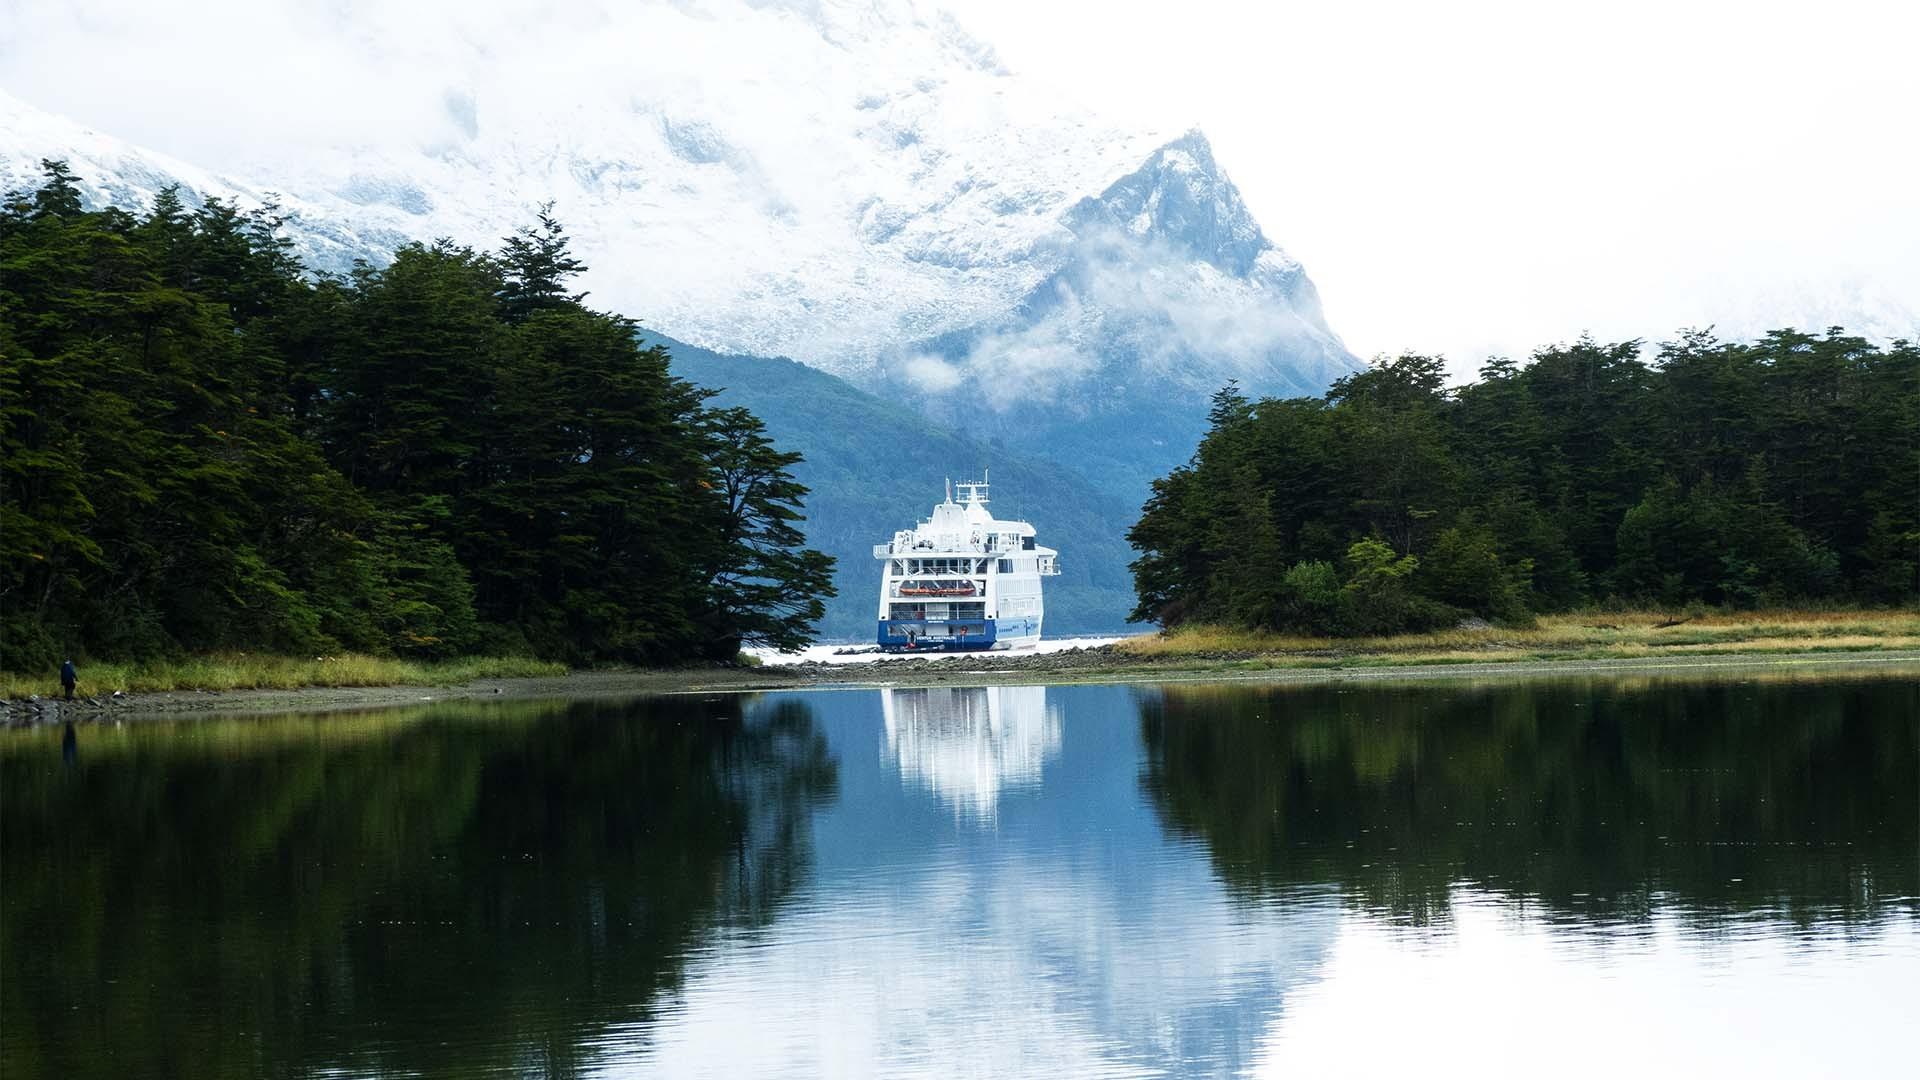 Onshore at the Aguila Glacier in Tierra del Fuego, Patagonia